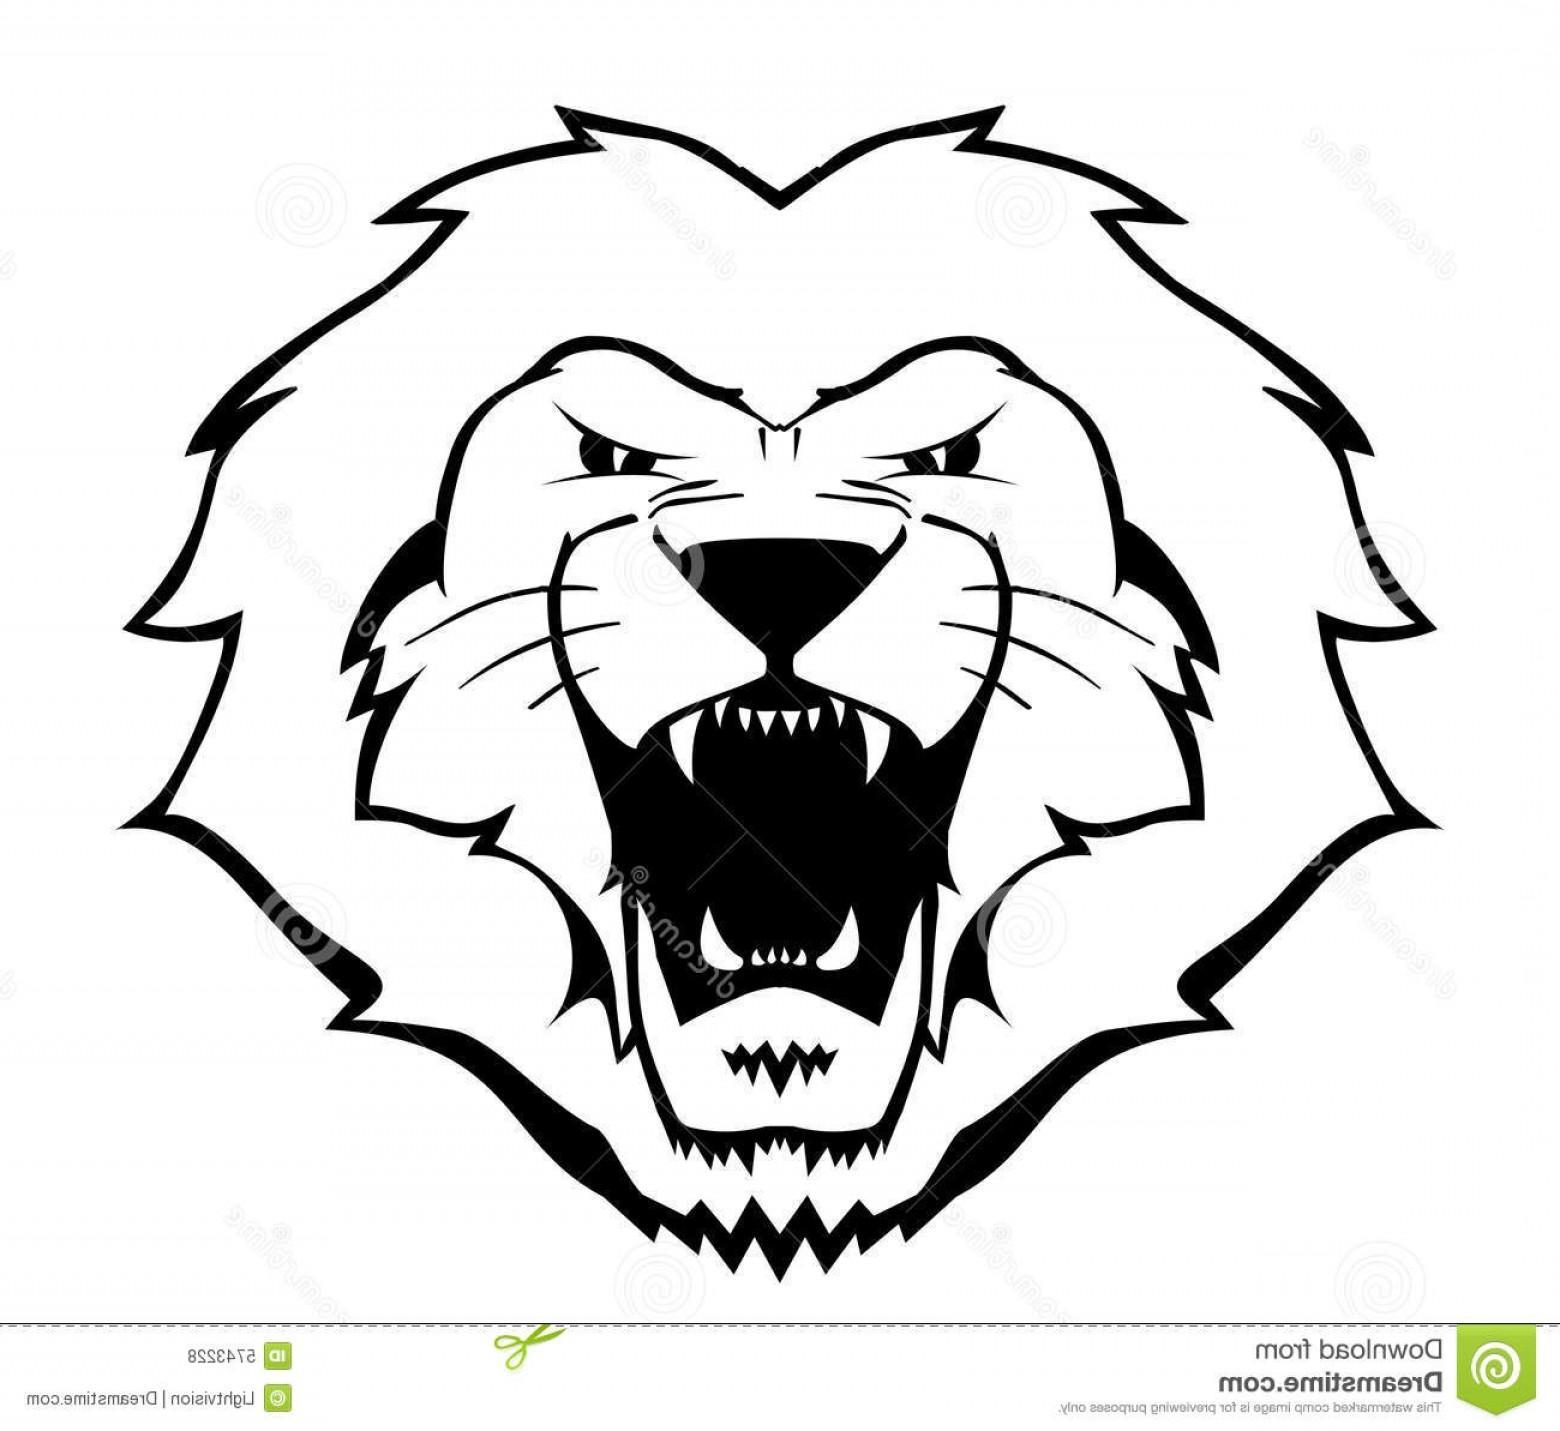 1560x1431 Royalty Free Stock Photos Lion Illustration Image Orangiausa